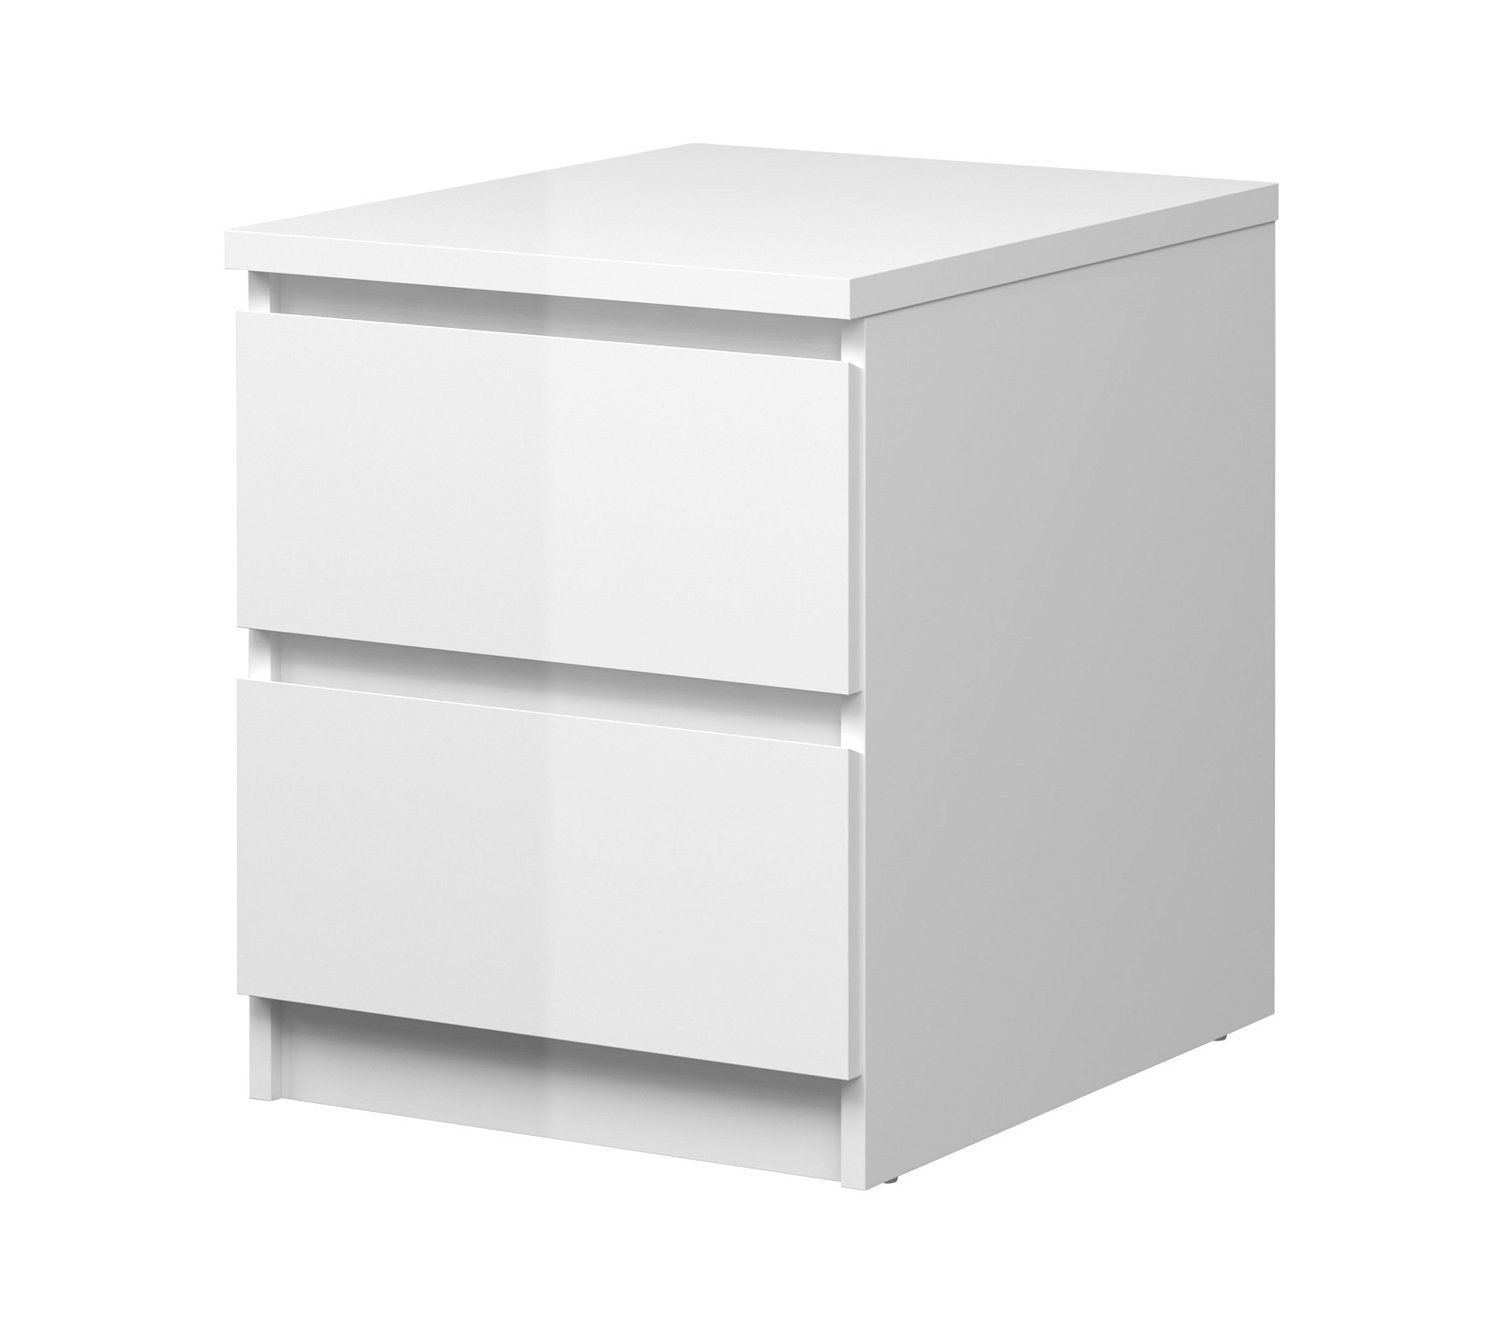 Table de chevet Venise blanche 1 tiroir et 1 étagère   STYLE POÉSIE  ROMANTIQUE   Pinterest 2f15a512c440